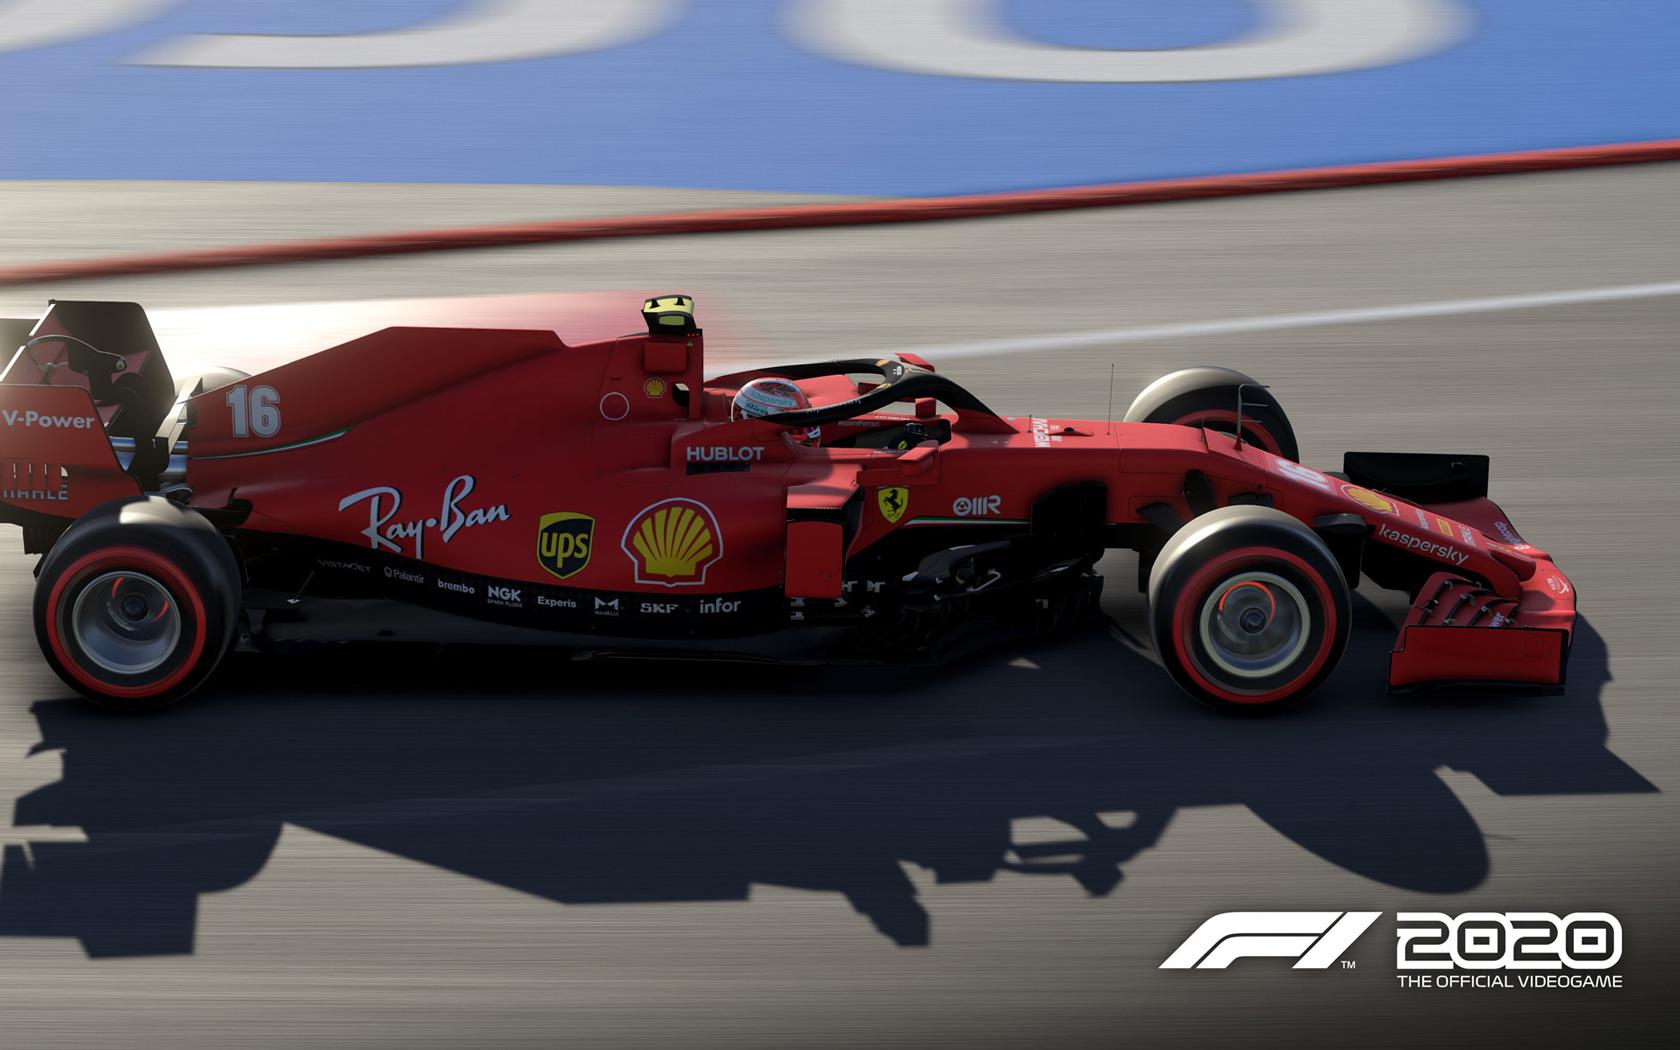 Free F1 2020 Wallpaper in 1680x1050